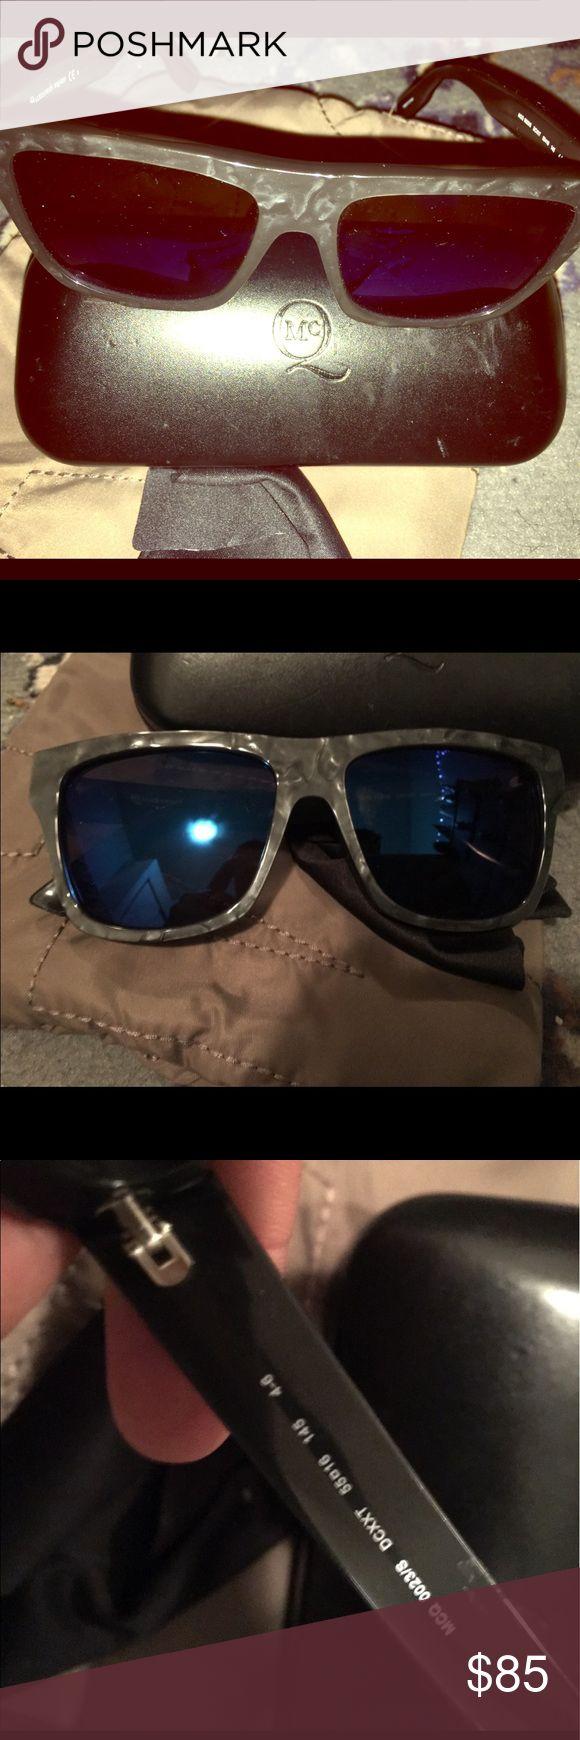 Alexander McQueen sunglasses Alexander McQueen blue mirror wayfarer sunglasses Alexander McQueen Accessories Glasses